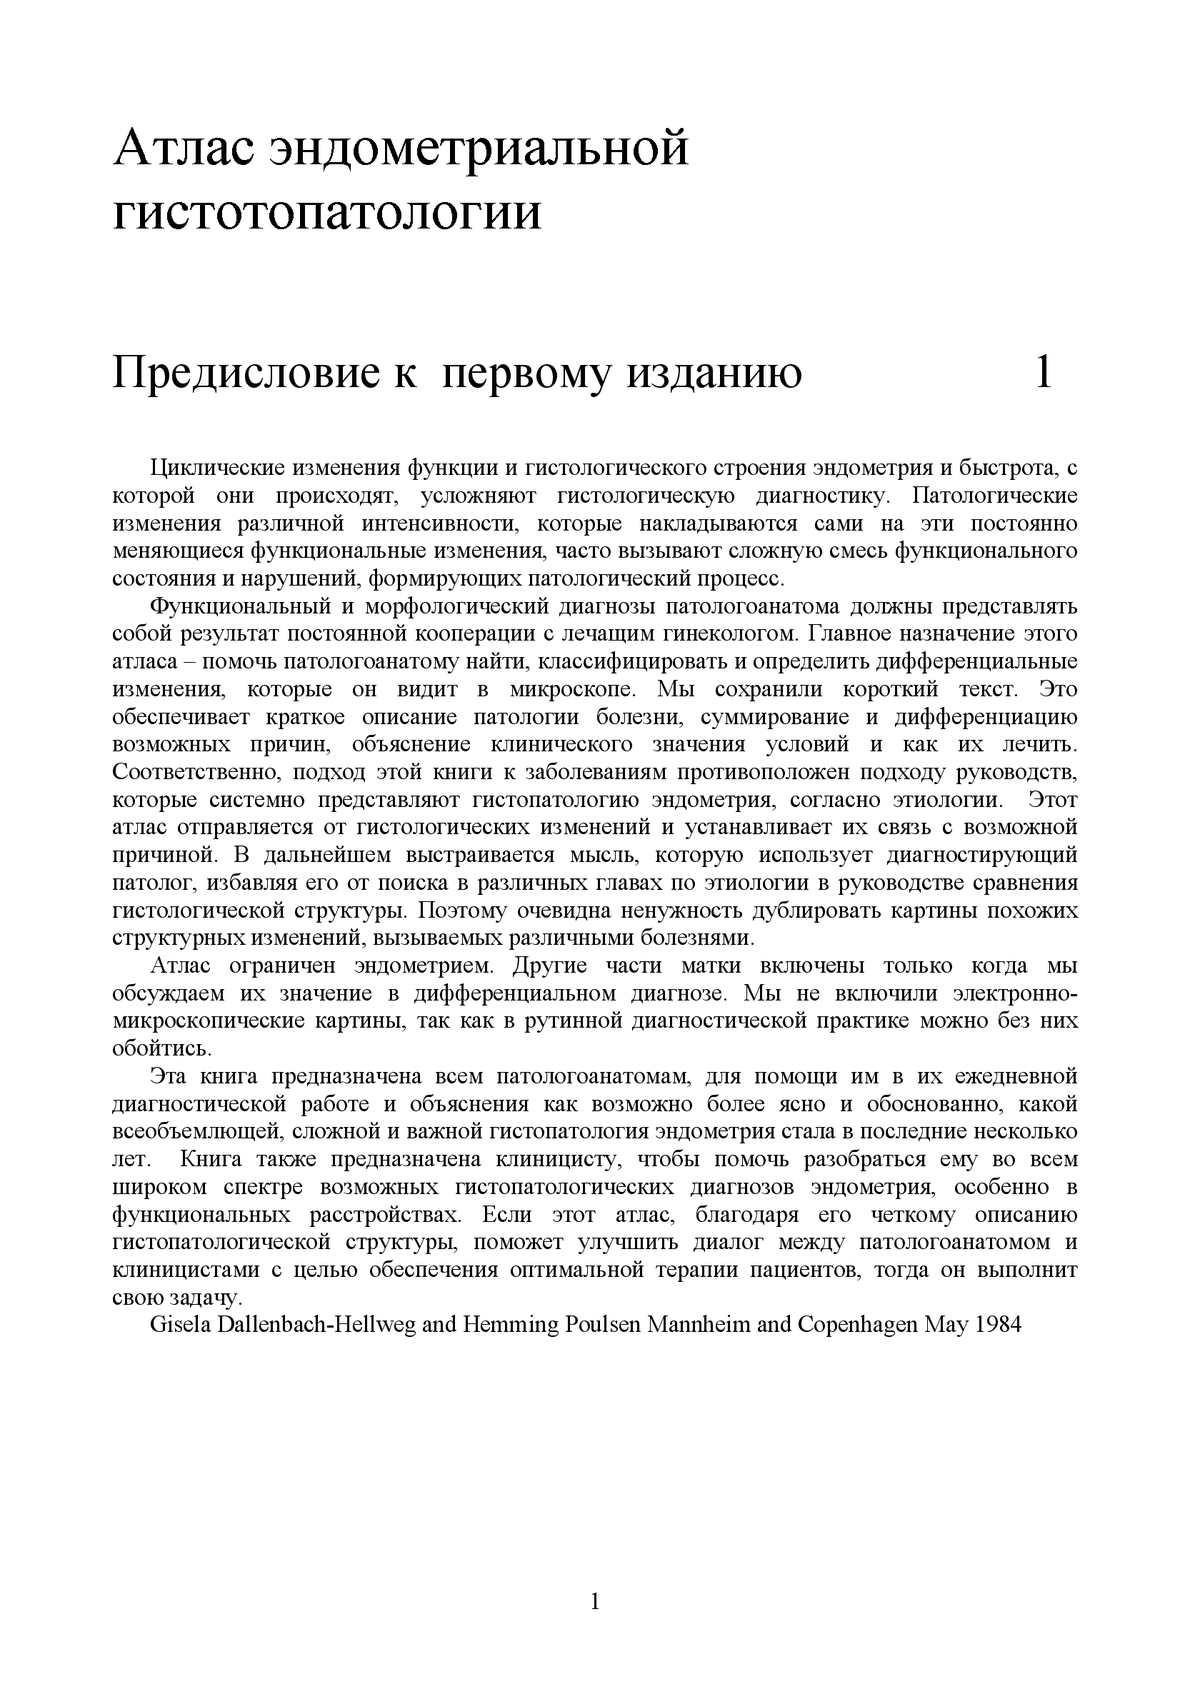 Атлас гистопатологии эндометрия